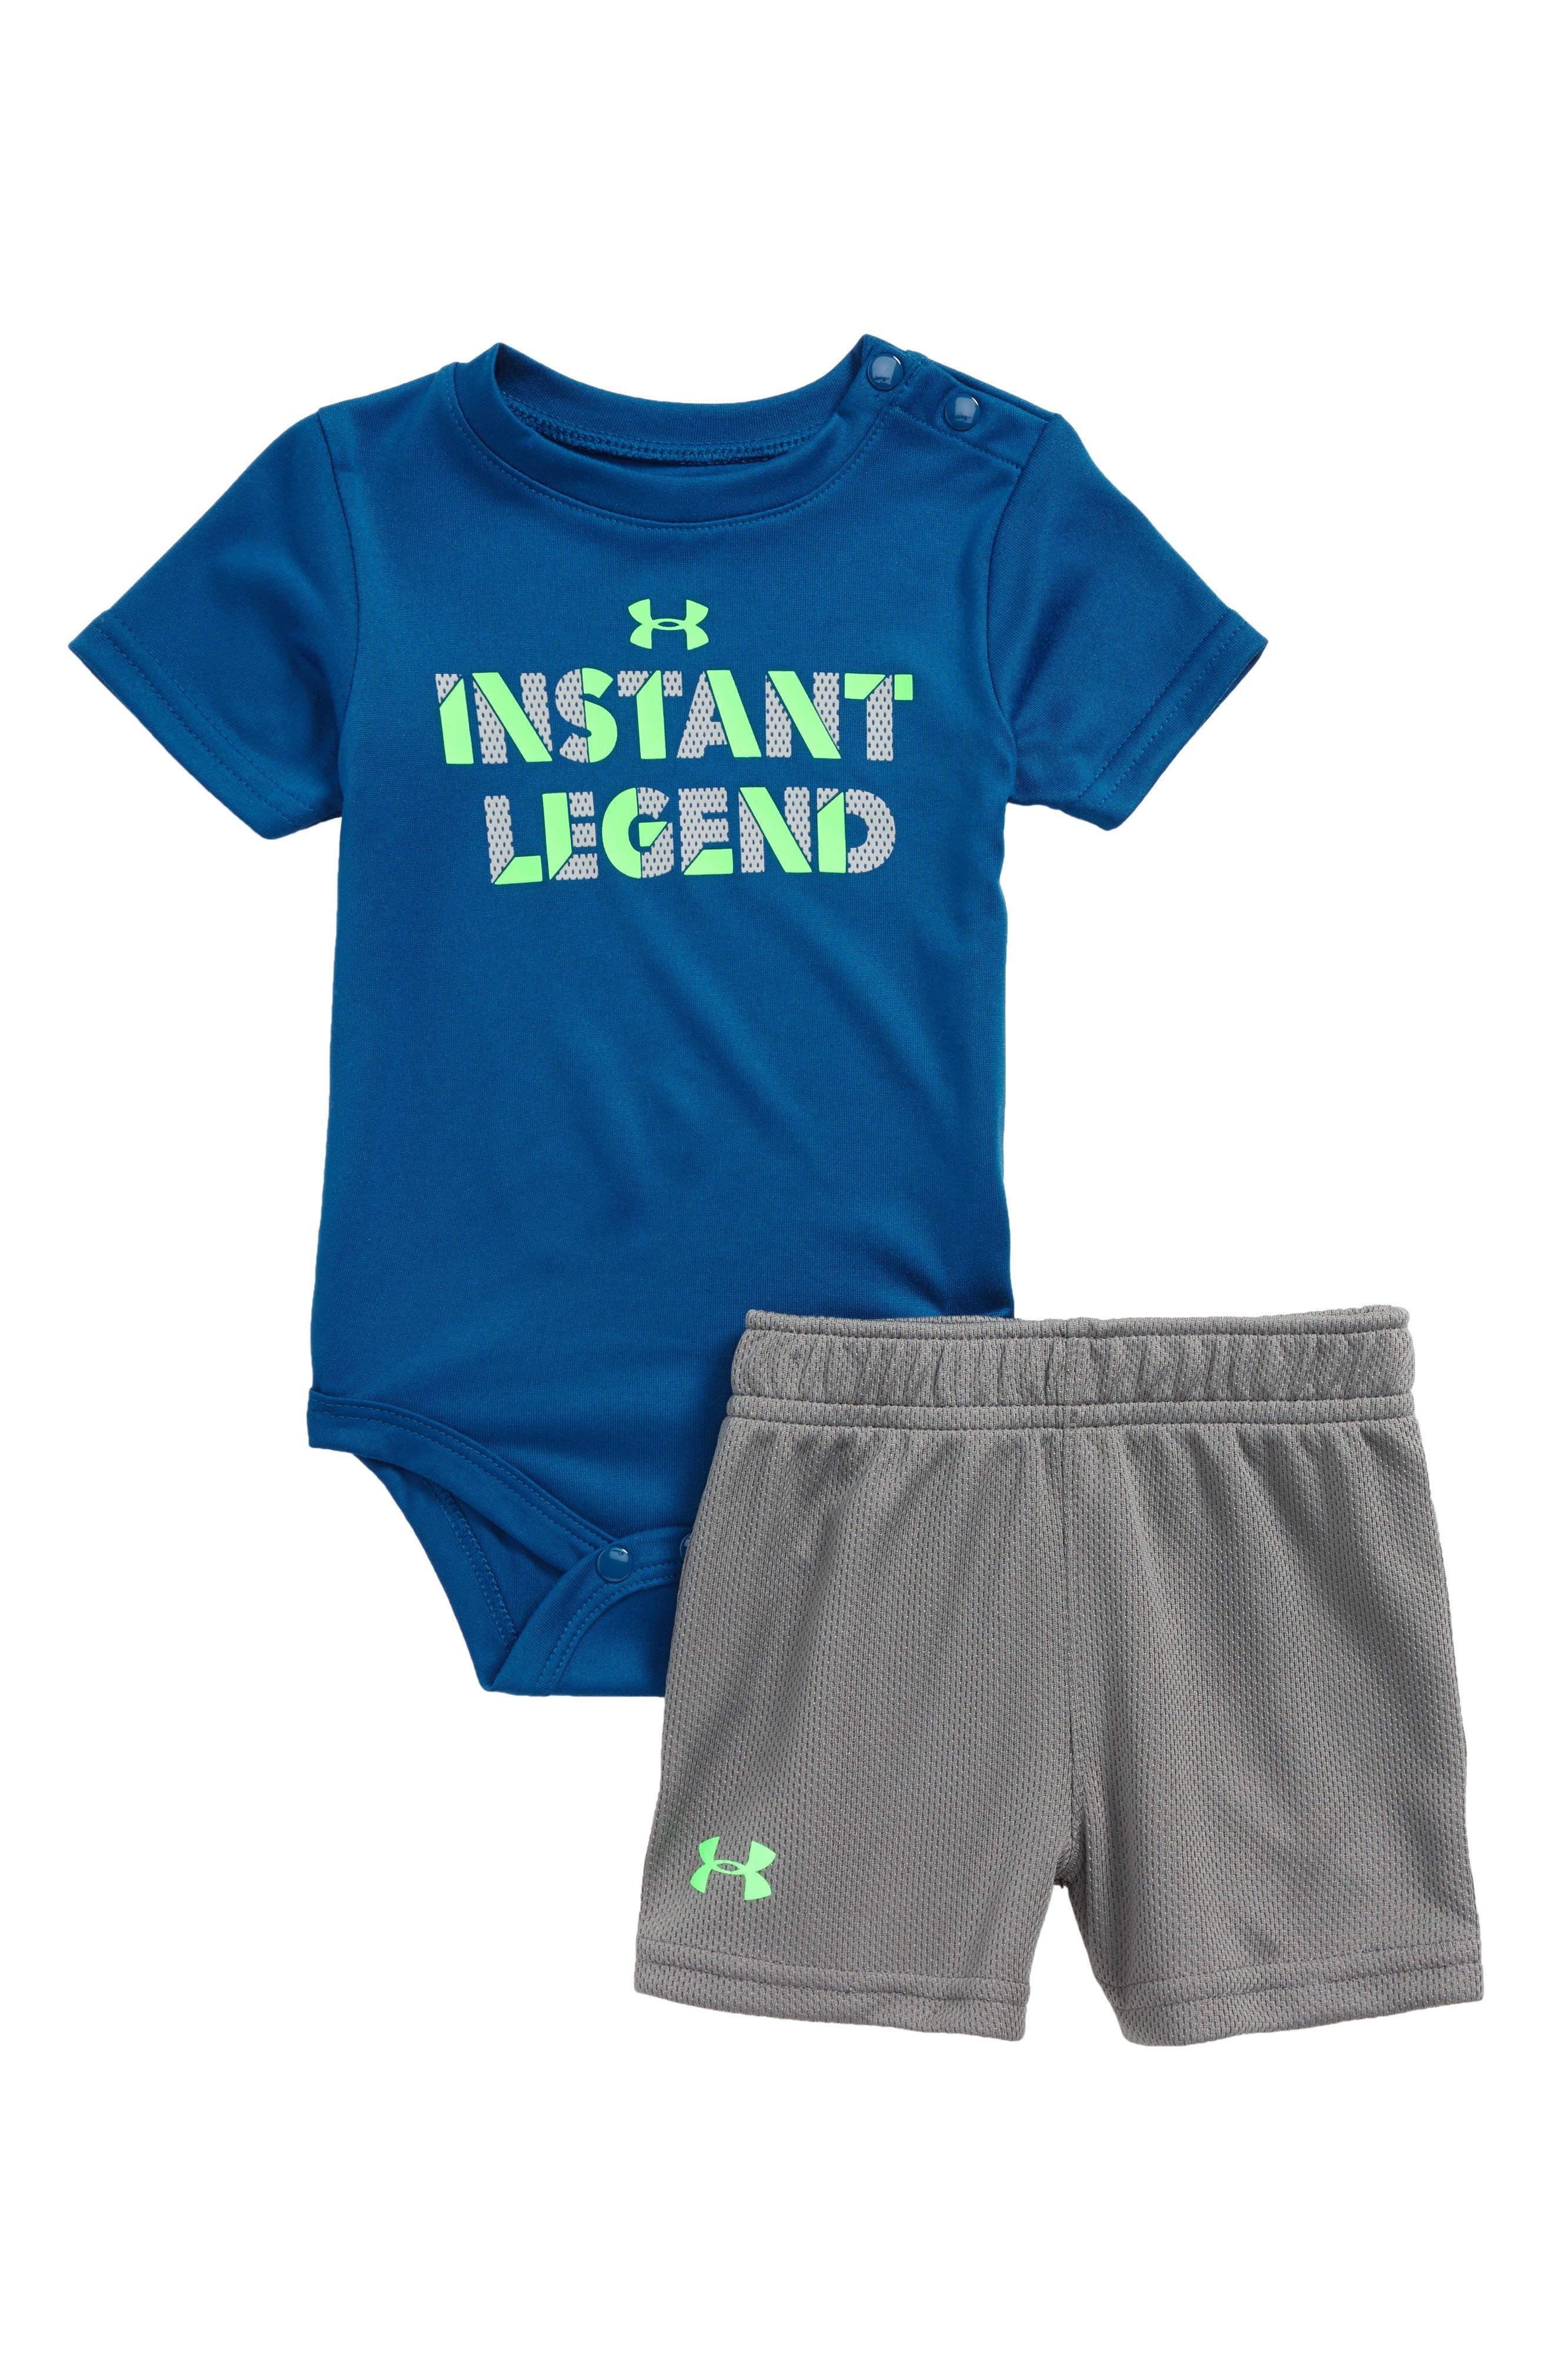 Under Armour Instant Legend Bodysuit & Shorts Set (Baby Boys)